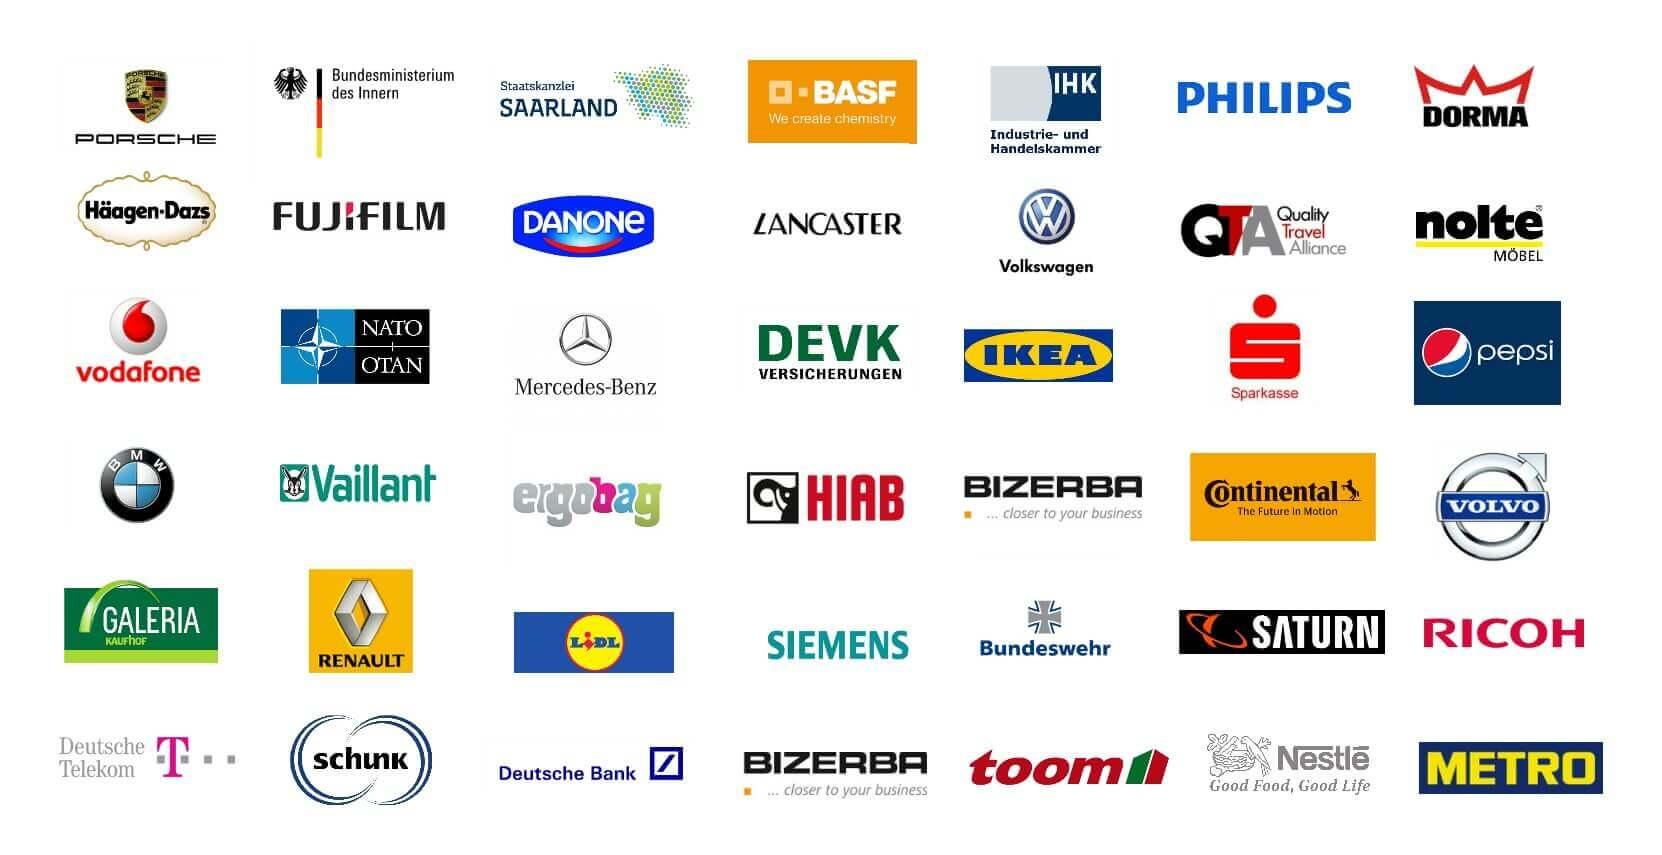 Moderatorin Event Carmen Hentschel Referenzliste für ihre Moderationen von bekannten Kunden und Firmen